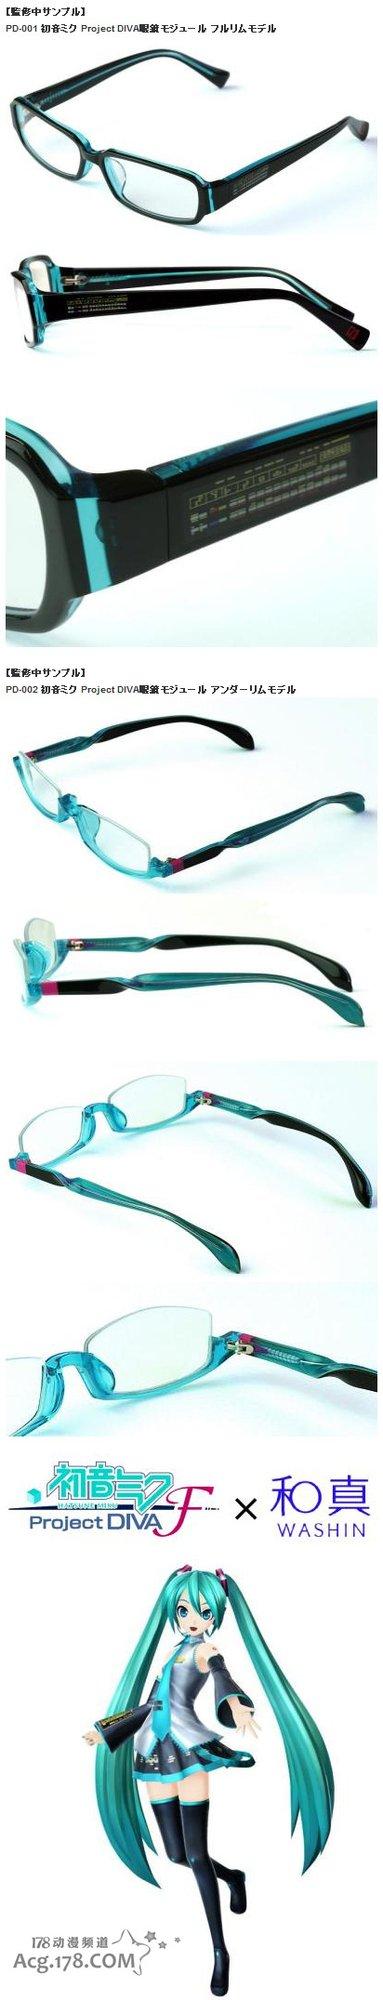 世嘉将于4月推出2款初音风格眼镜